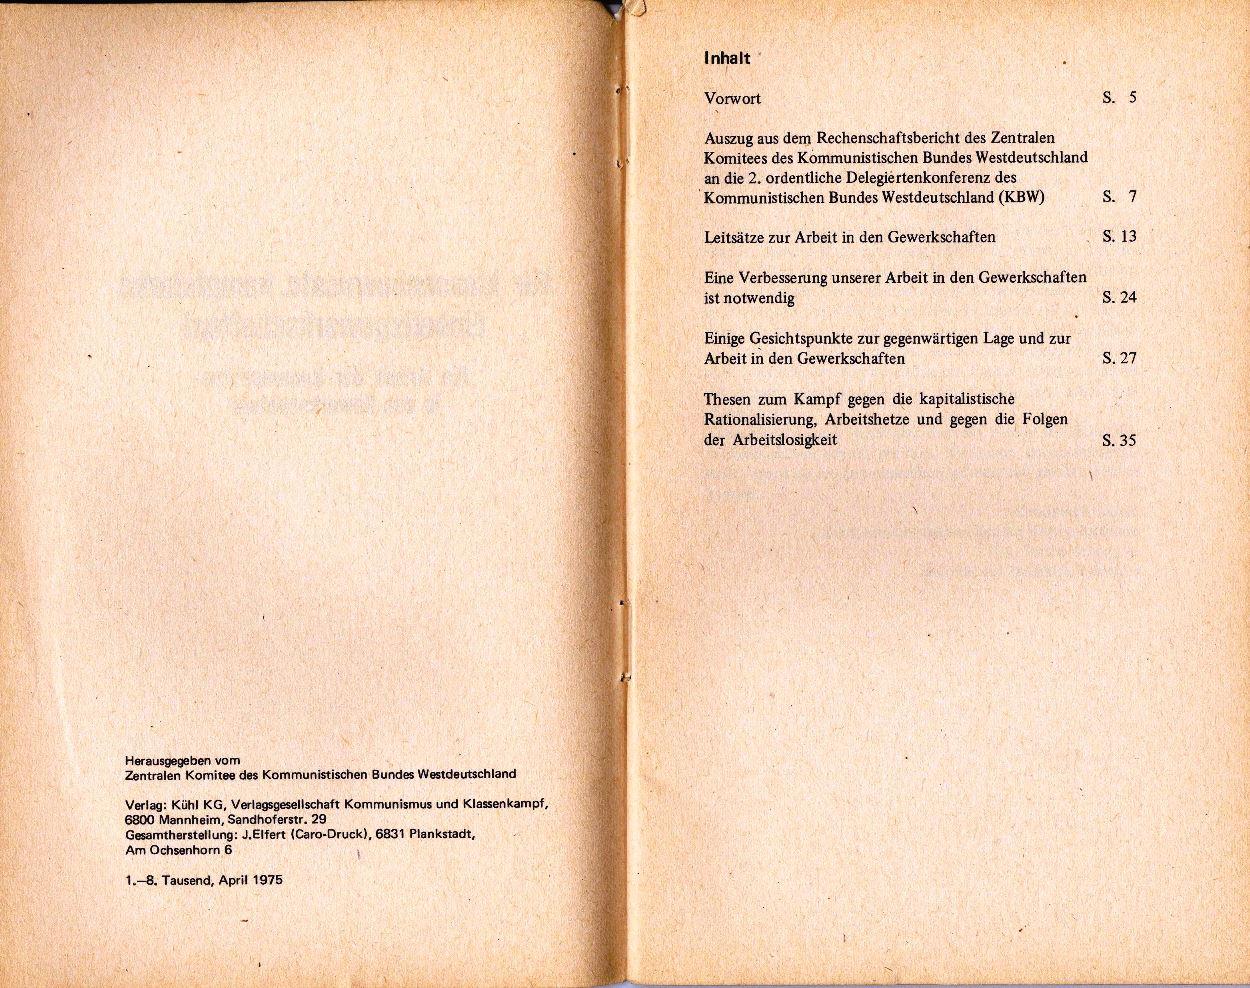 KBW_Einheitsgewerkschaft003